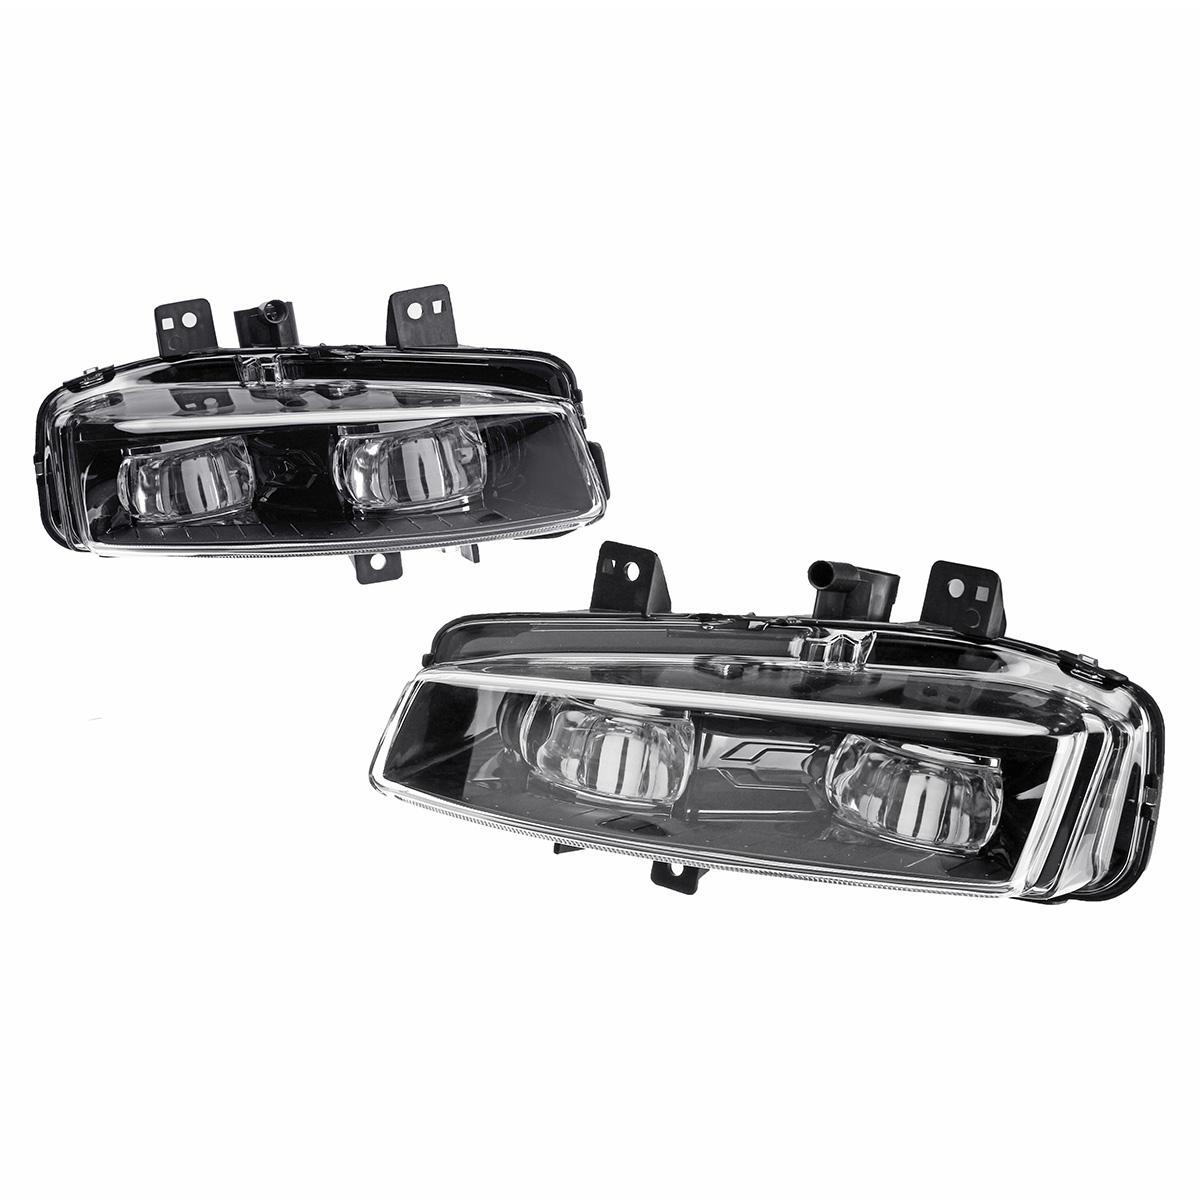 Lampu Bumper Mobil LED Bumper Depan Lampu Putih untuk Range Rover Evoque Dinamis 2011-2016